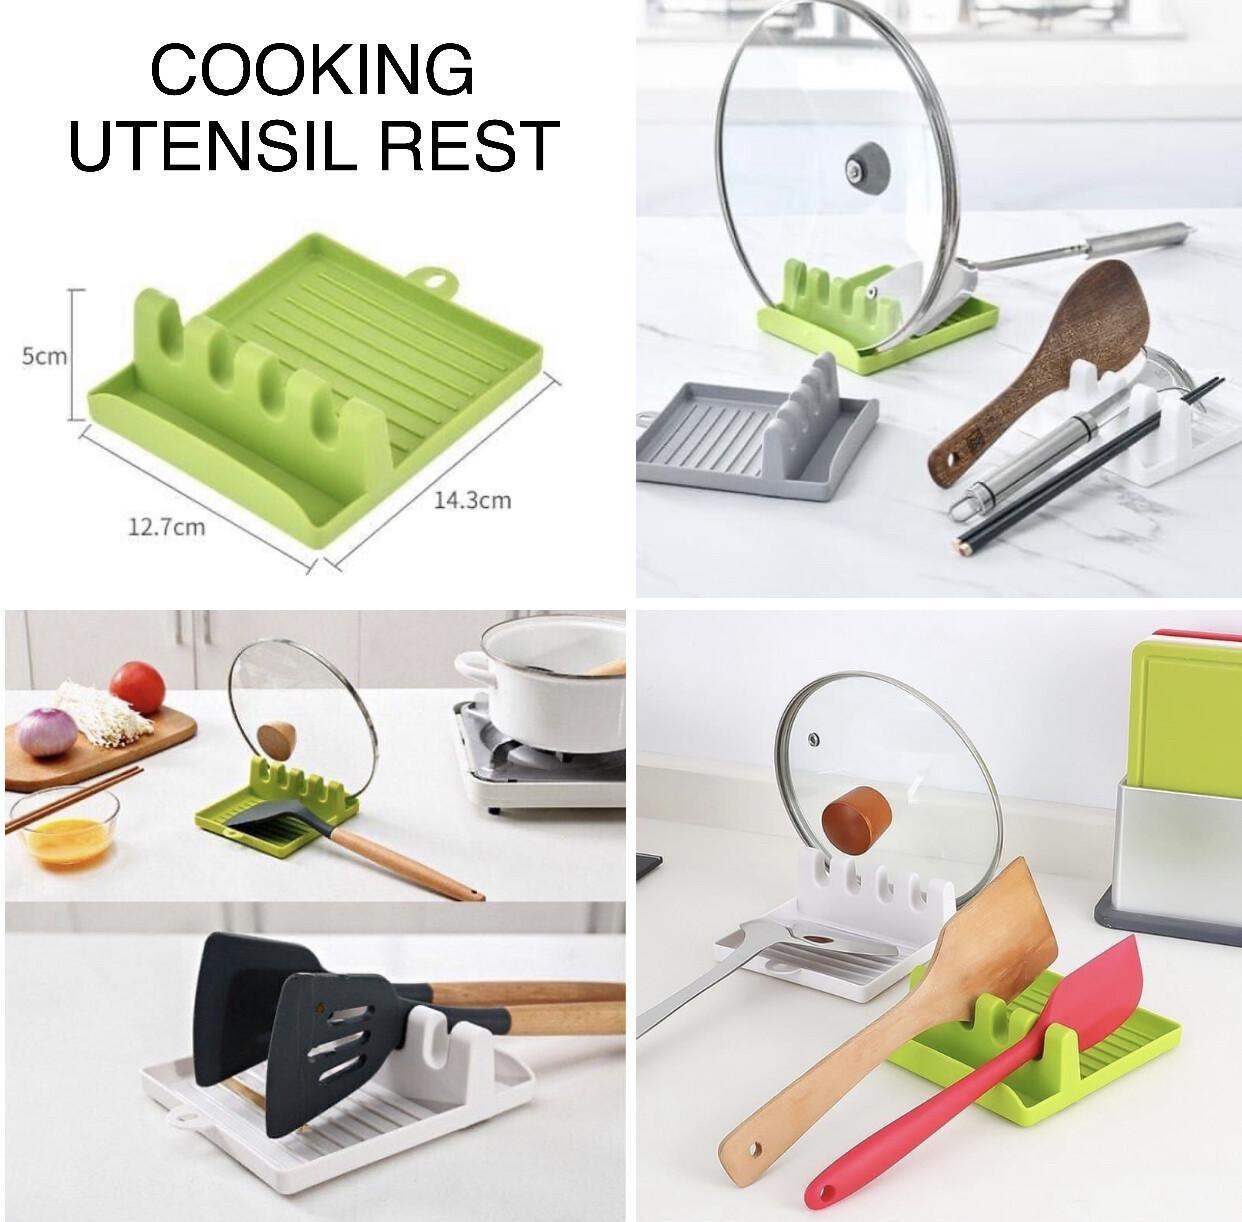 Cooking Utensils Rest